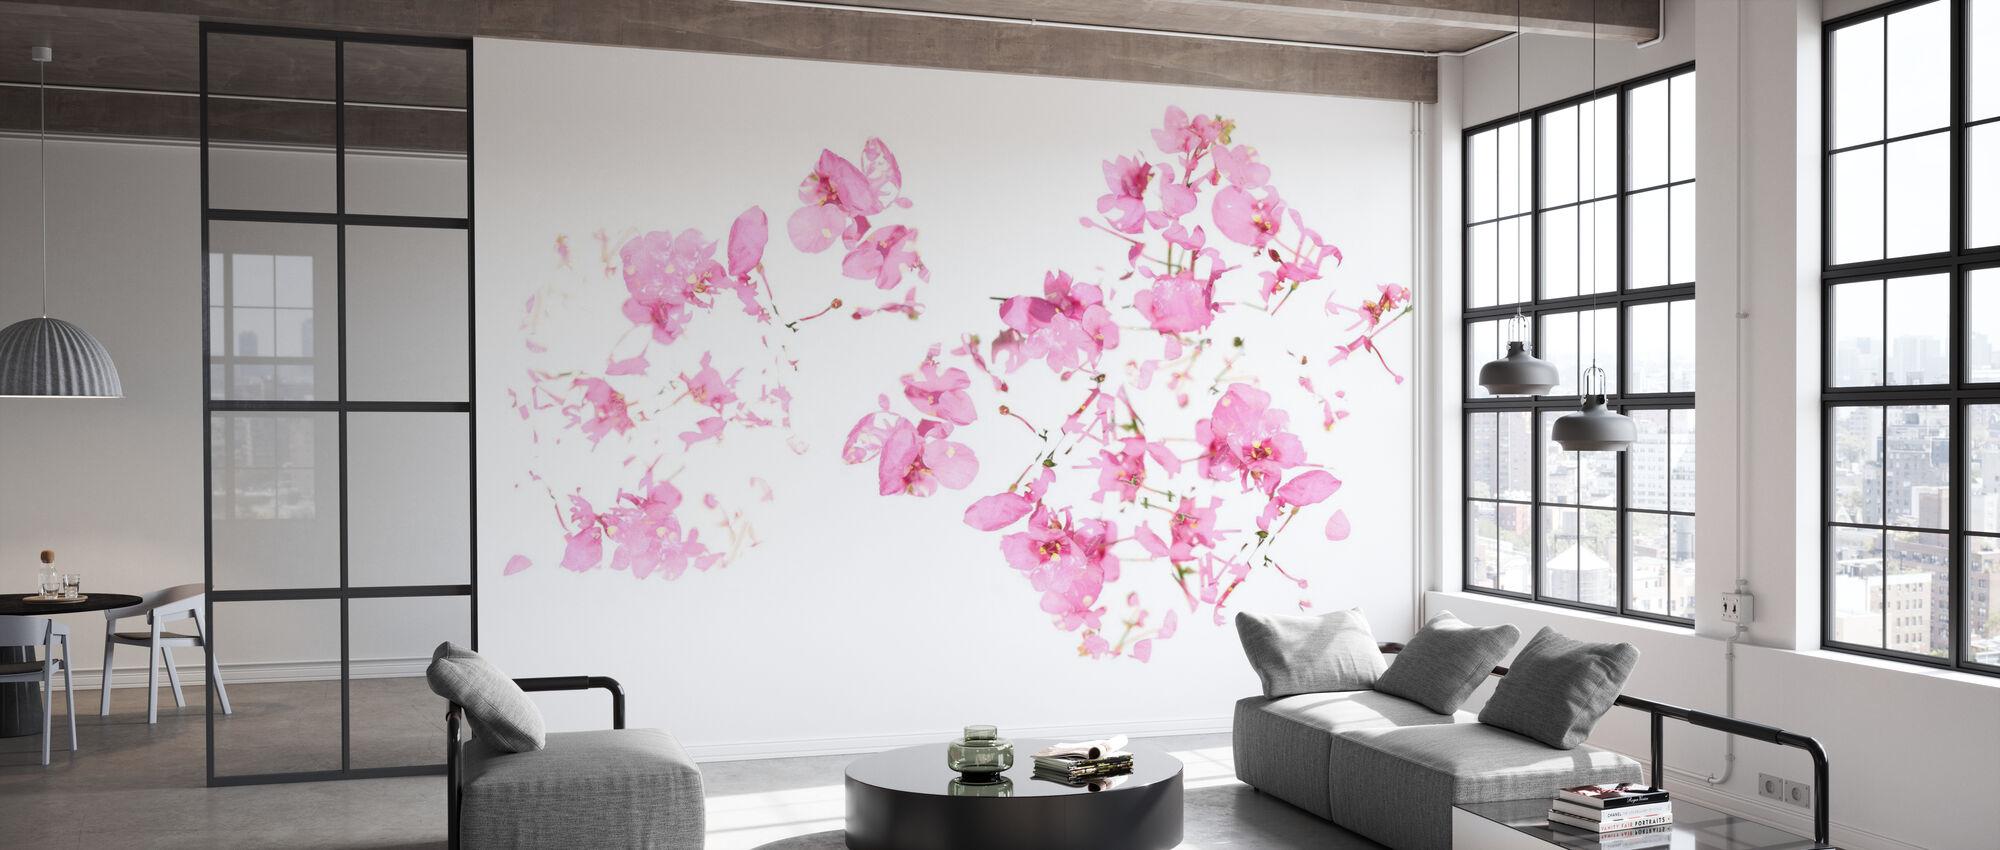 Rosa Blumenfluss - Tapete - Büro